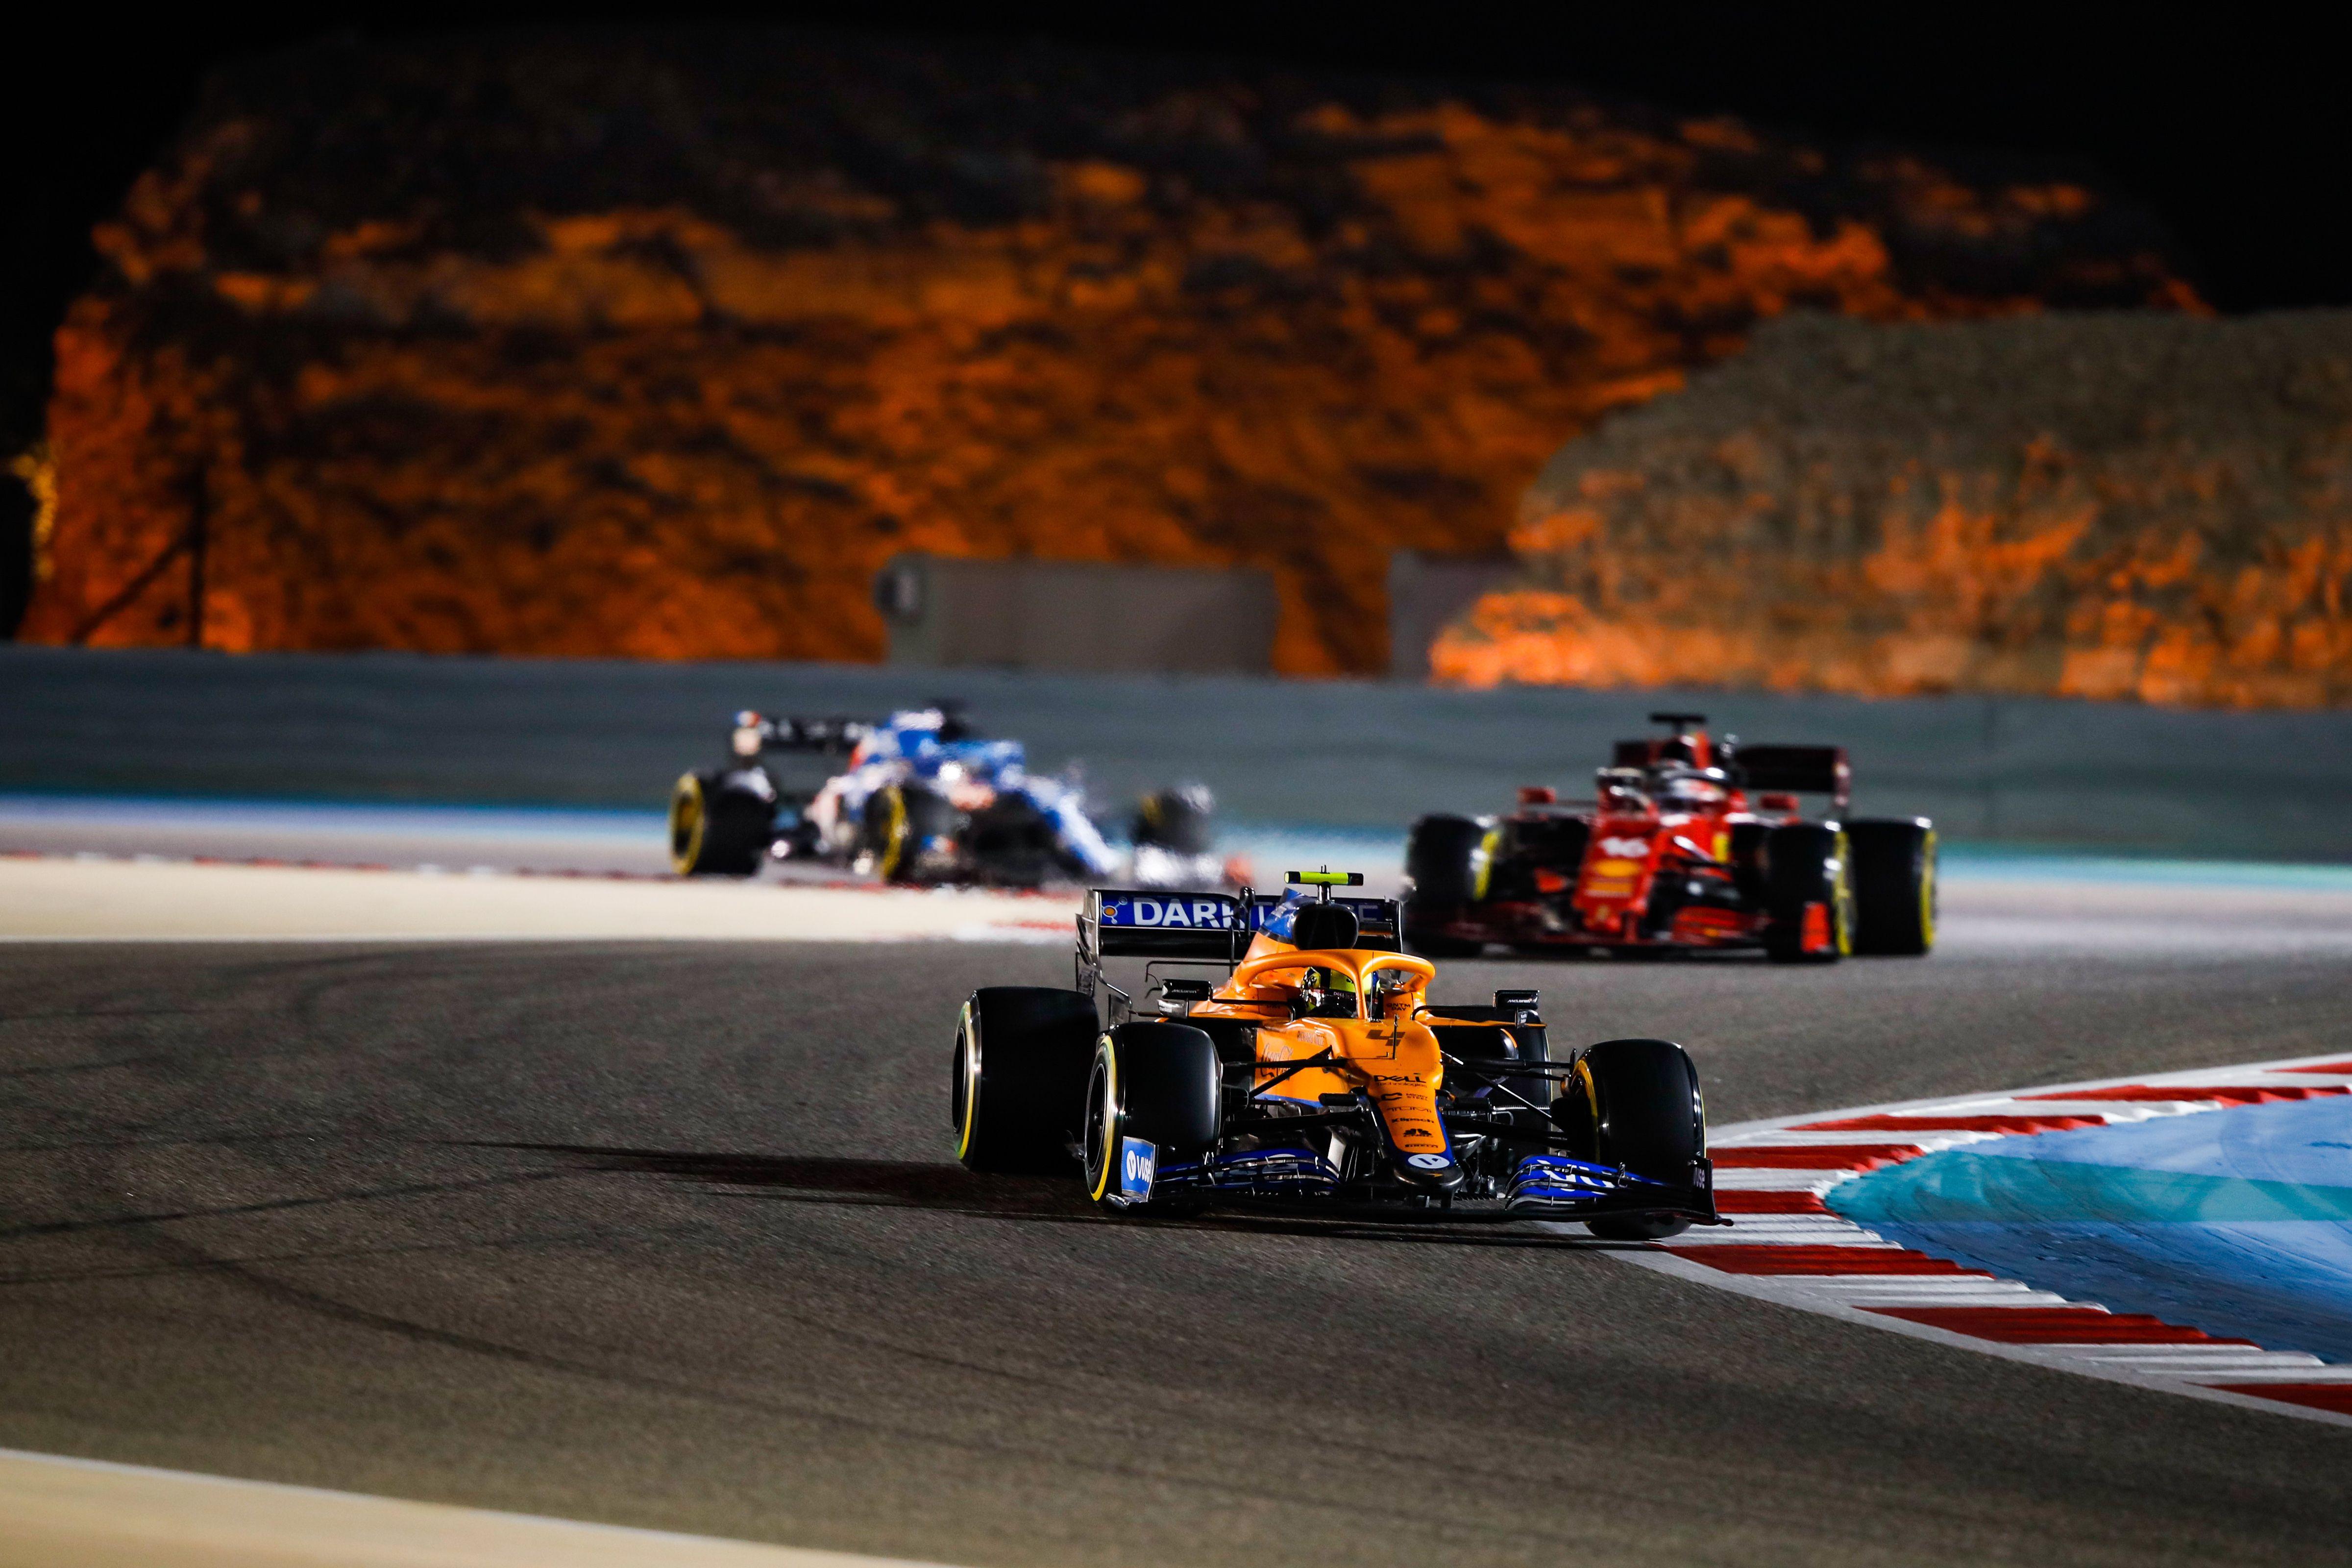 СМИ: В 'Формуле-1' появится команда из Саудовской Аравии